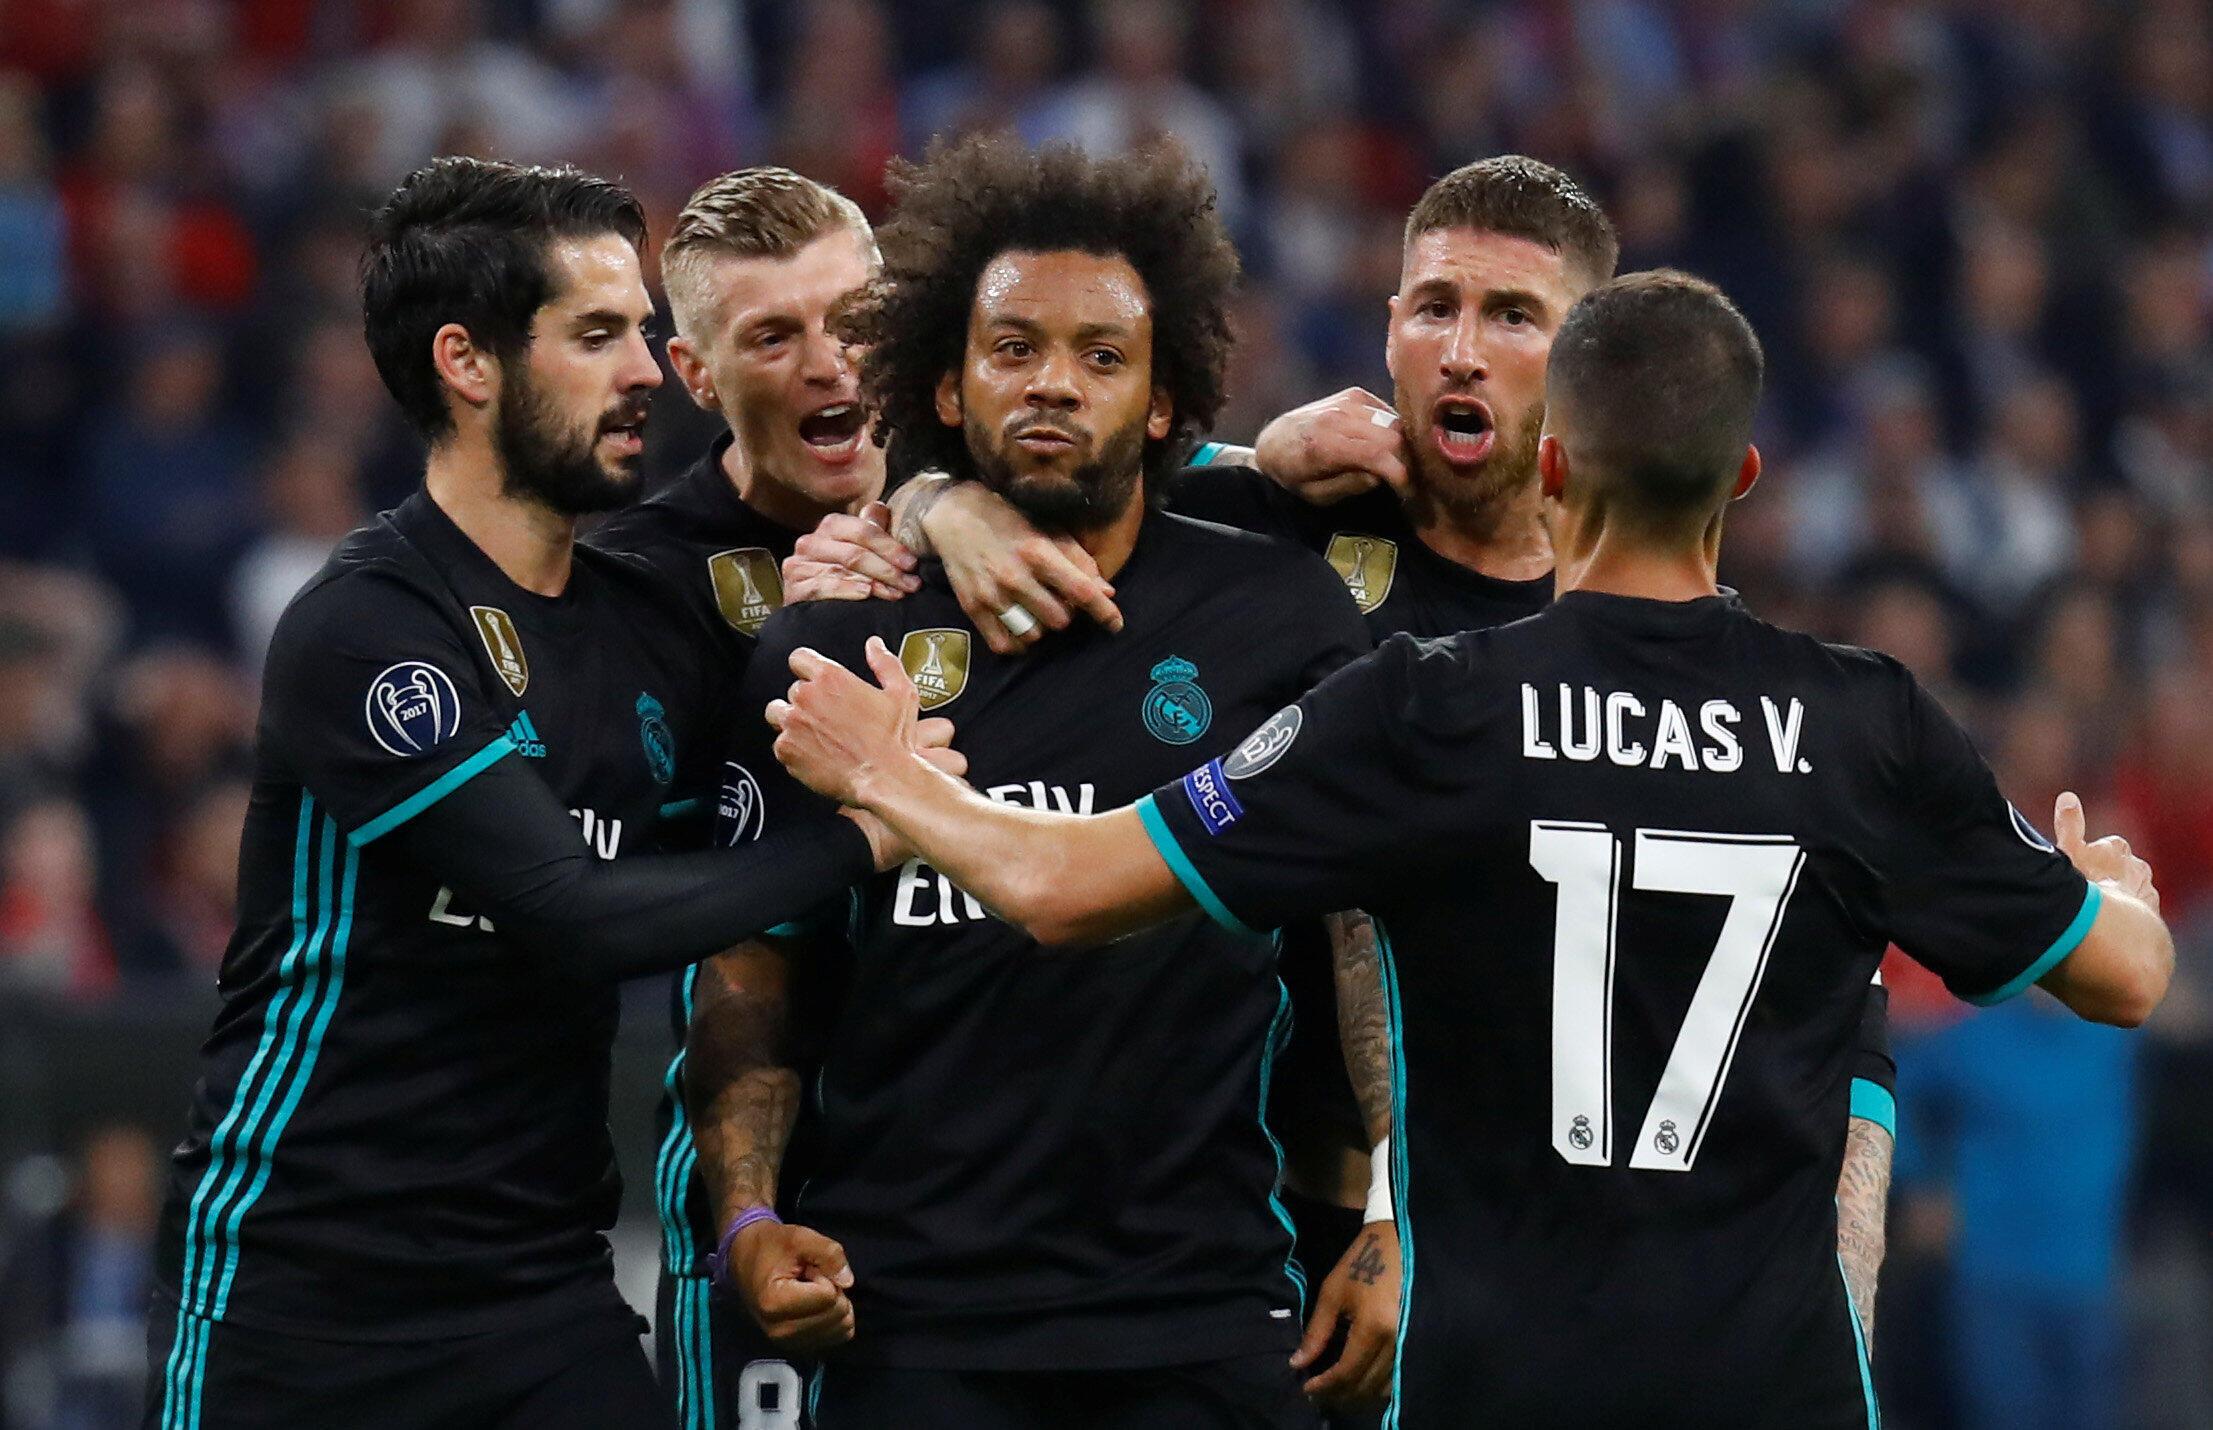 Le Brésilien Marcelo, entouré de ses coéquipiers du Real Madrid, après son but face au Bayern Munich le 25 avril 2018.